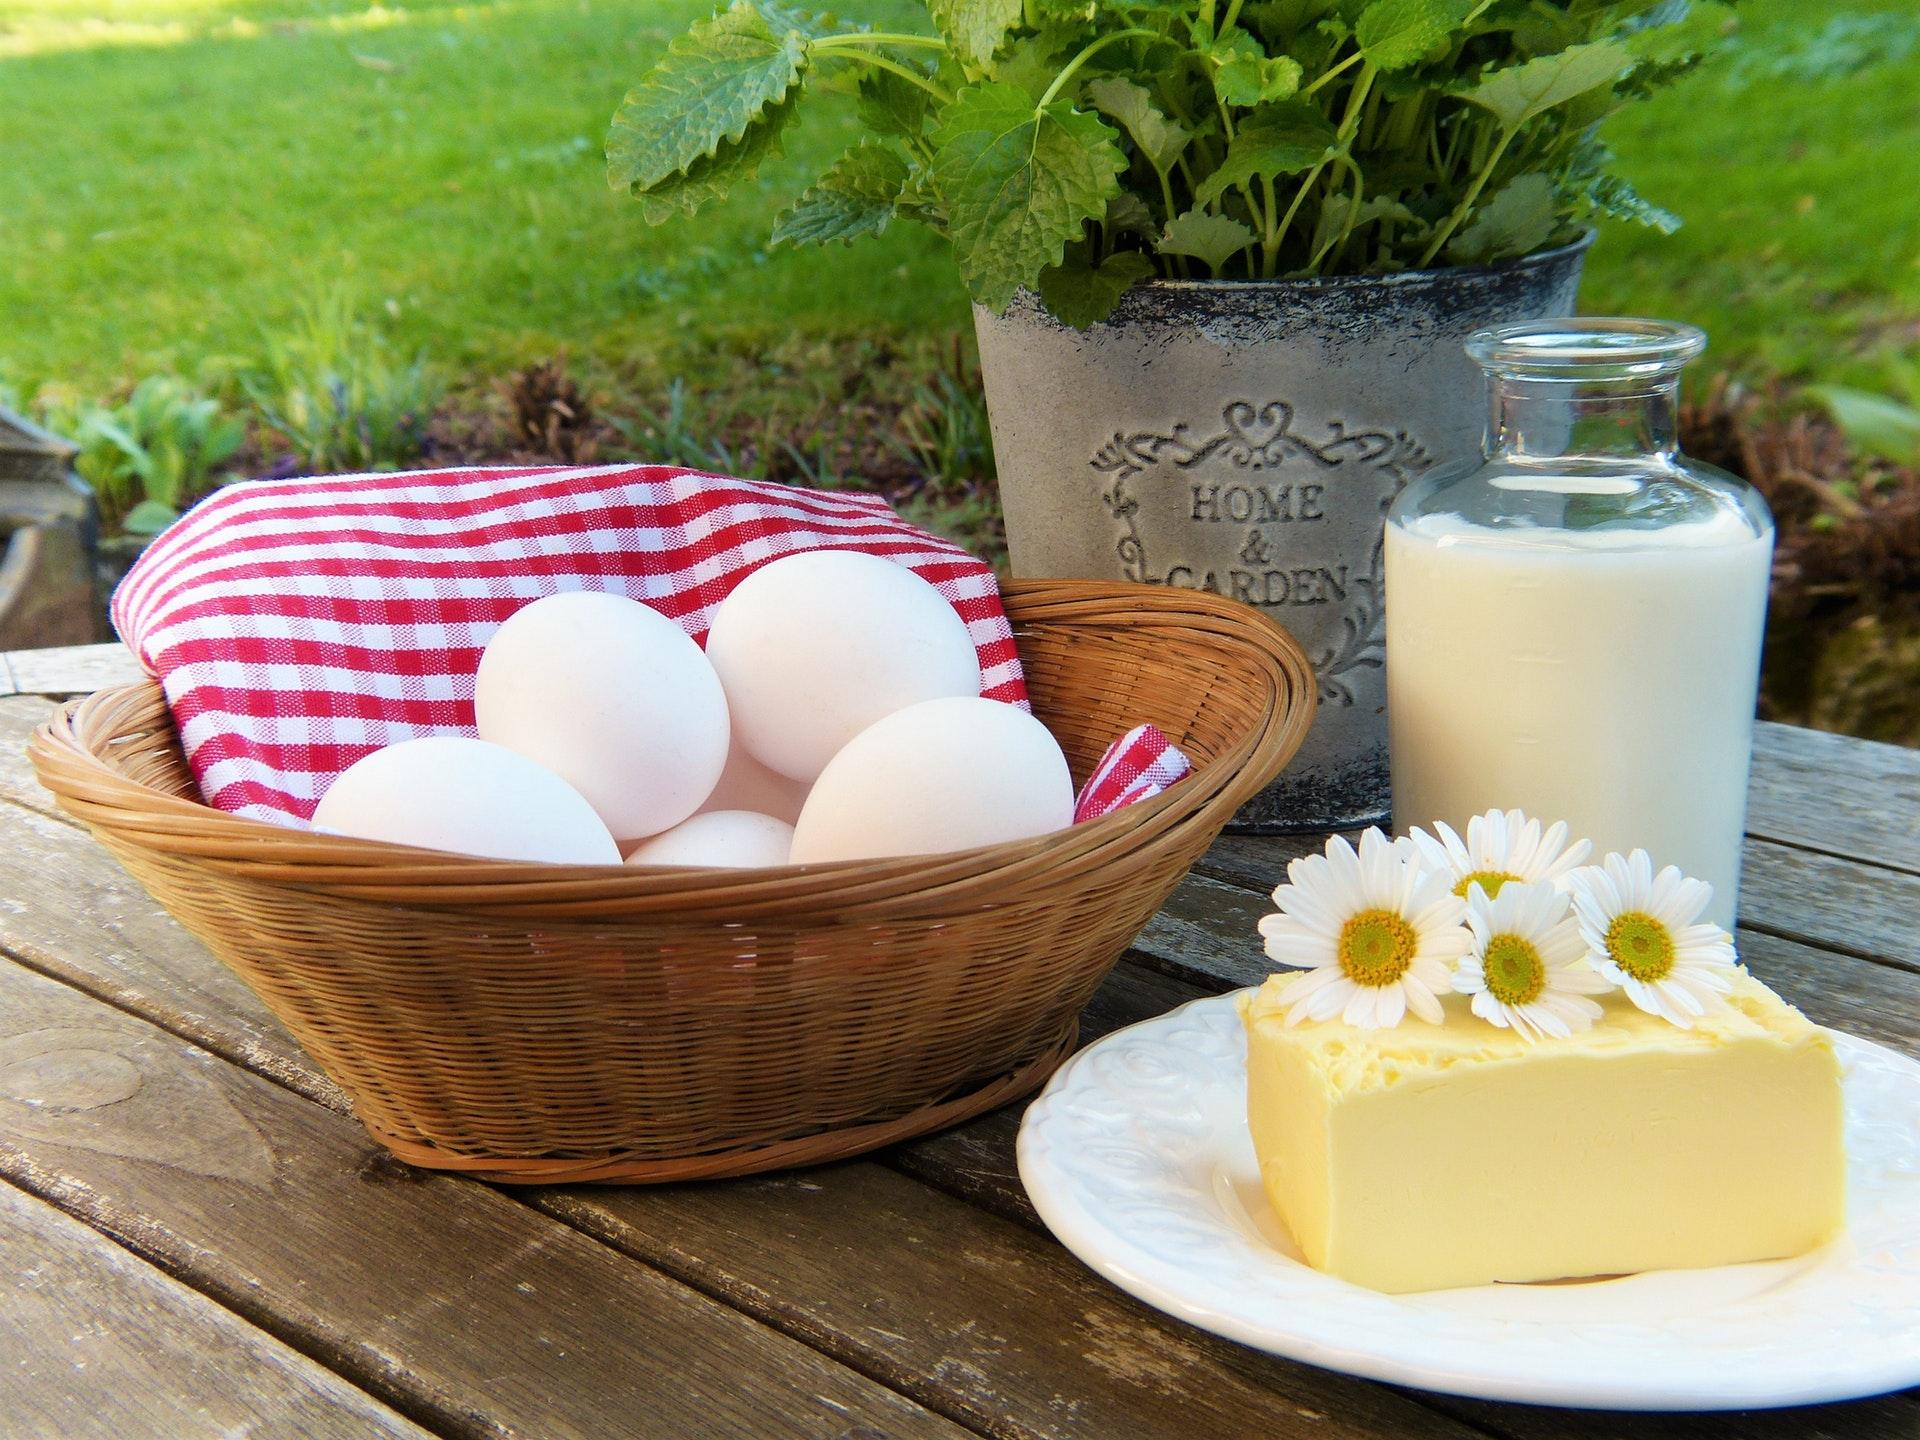 Pohled na mléko a mléčné výrobky